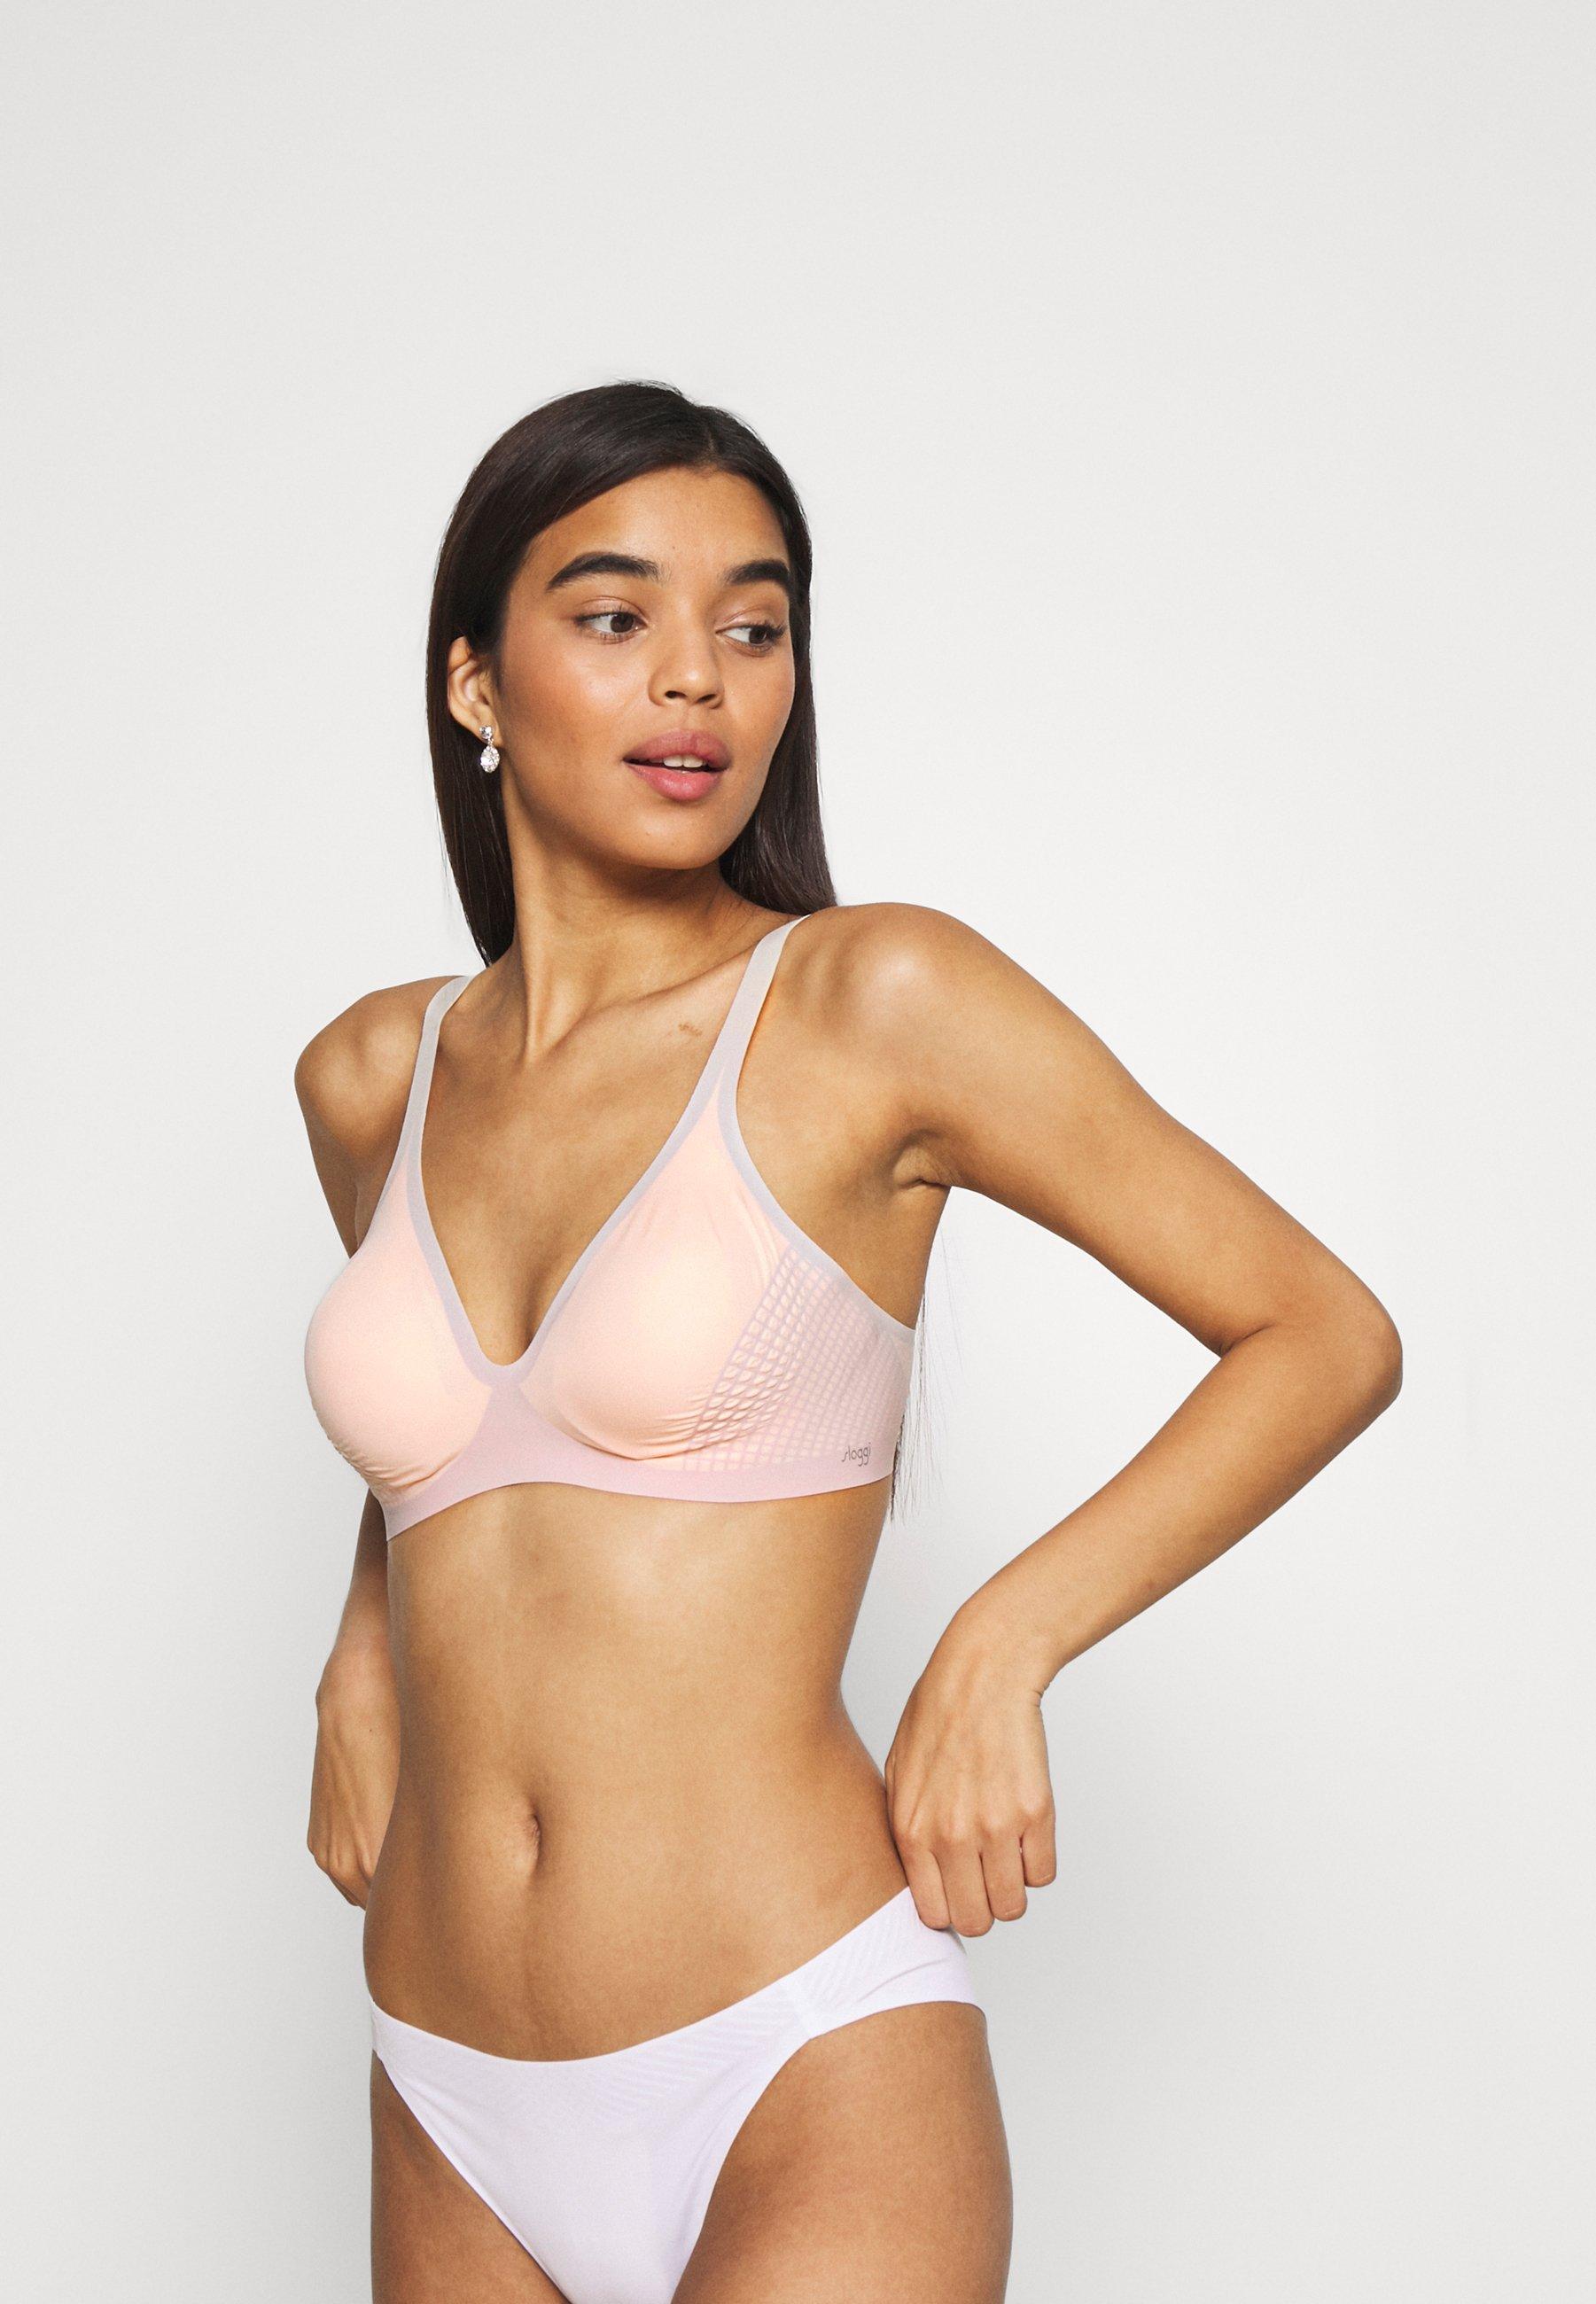 Women BODY ADAPT BRA - T-shirt bra